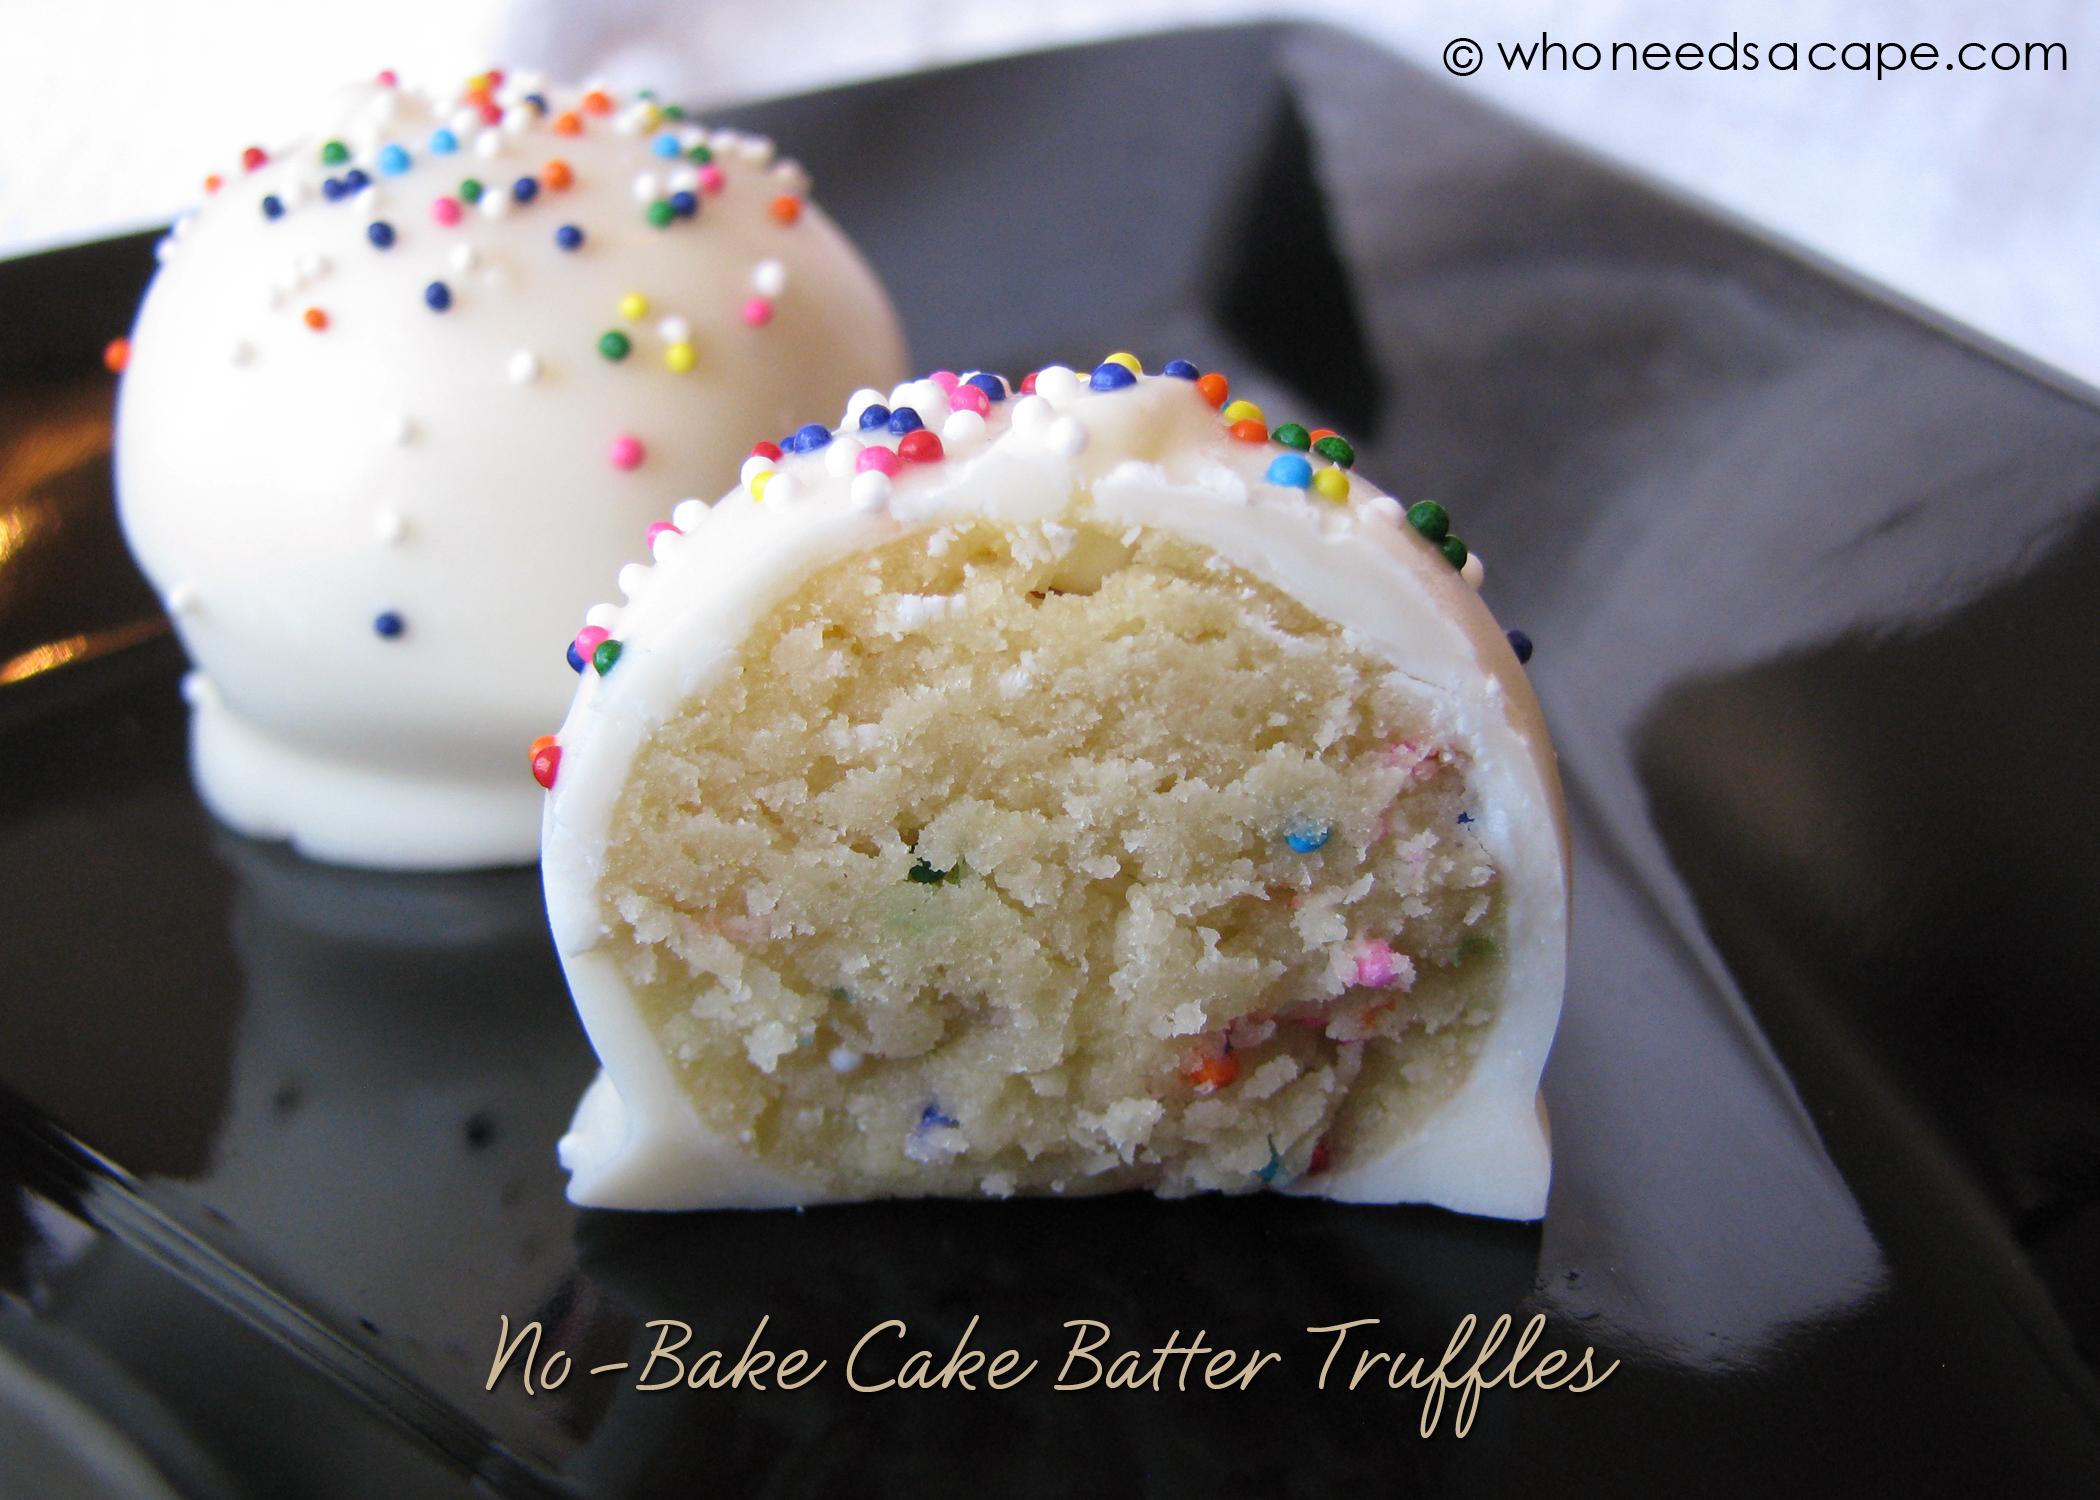 White Cake Batter Truffles